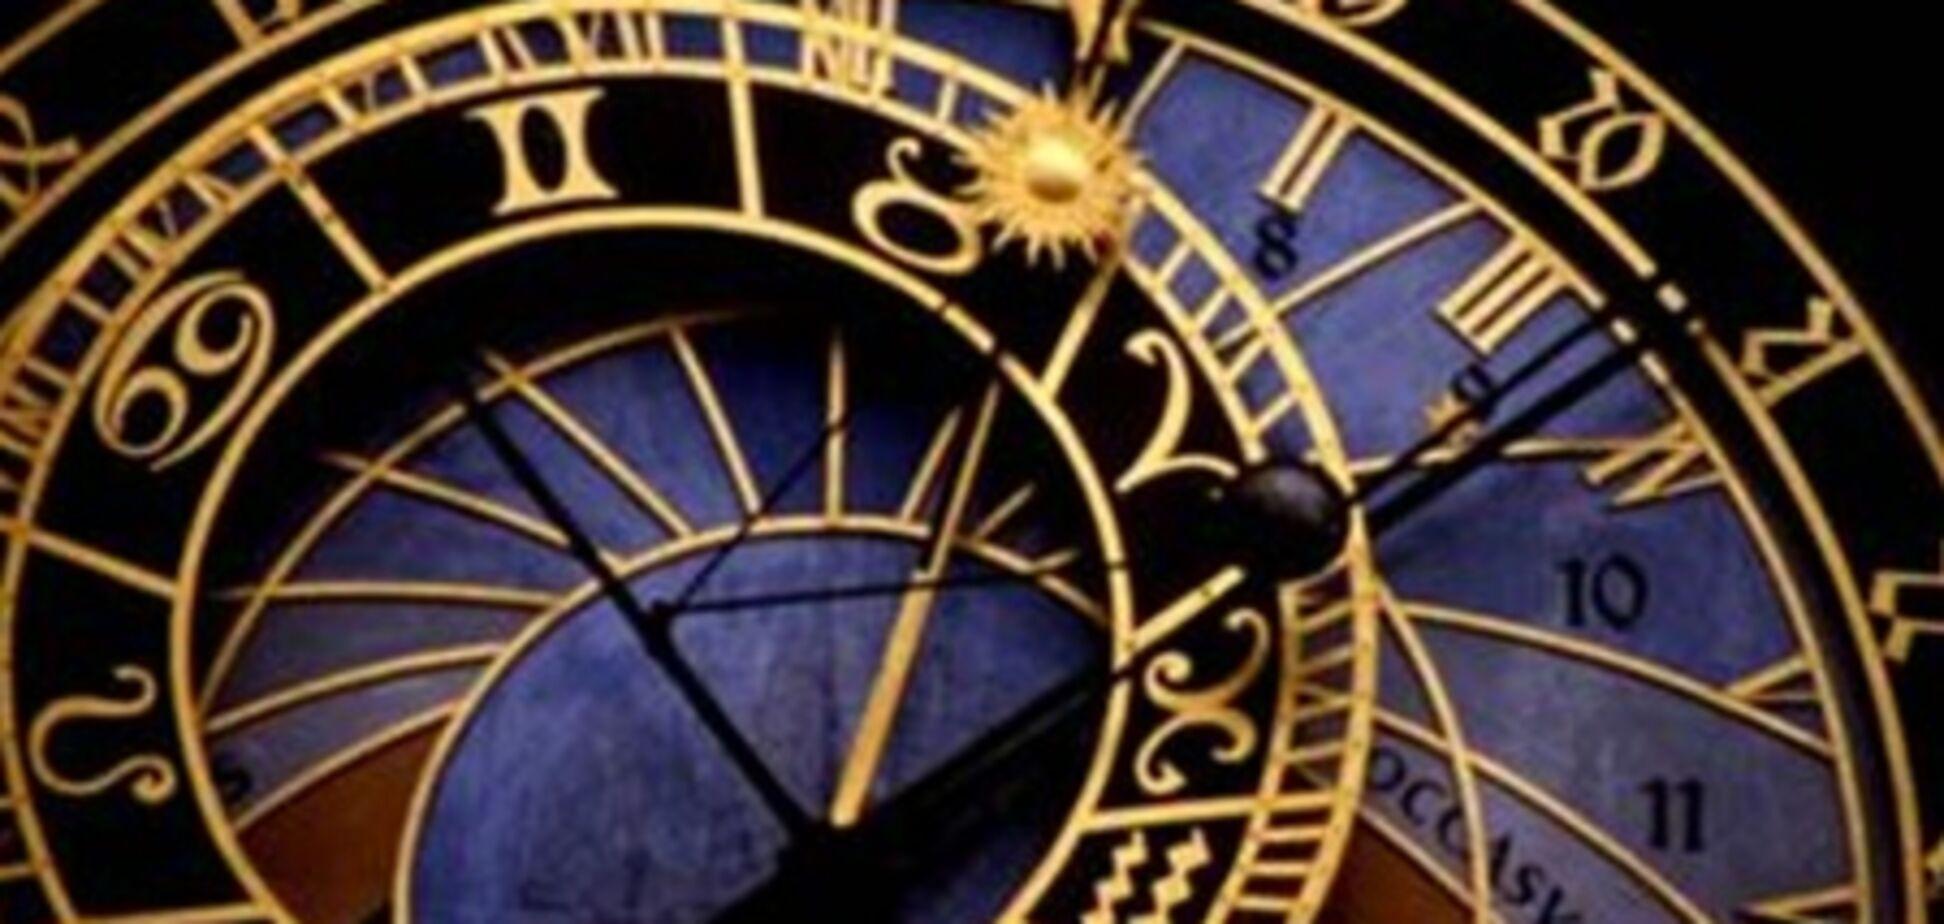 Всесвіт у день кінця світу готує для всіх нові завдання - нумеролог